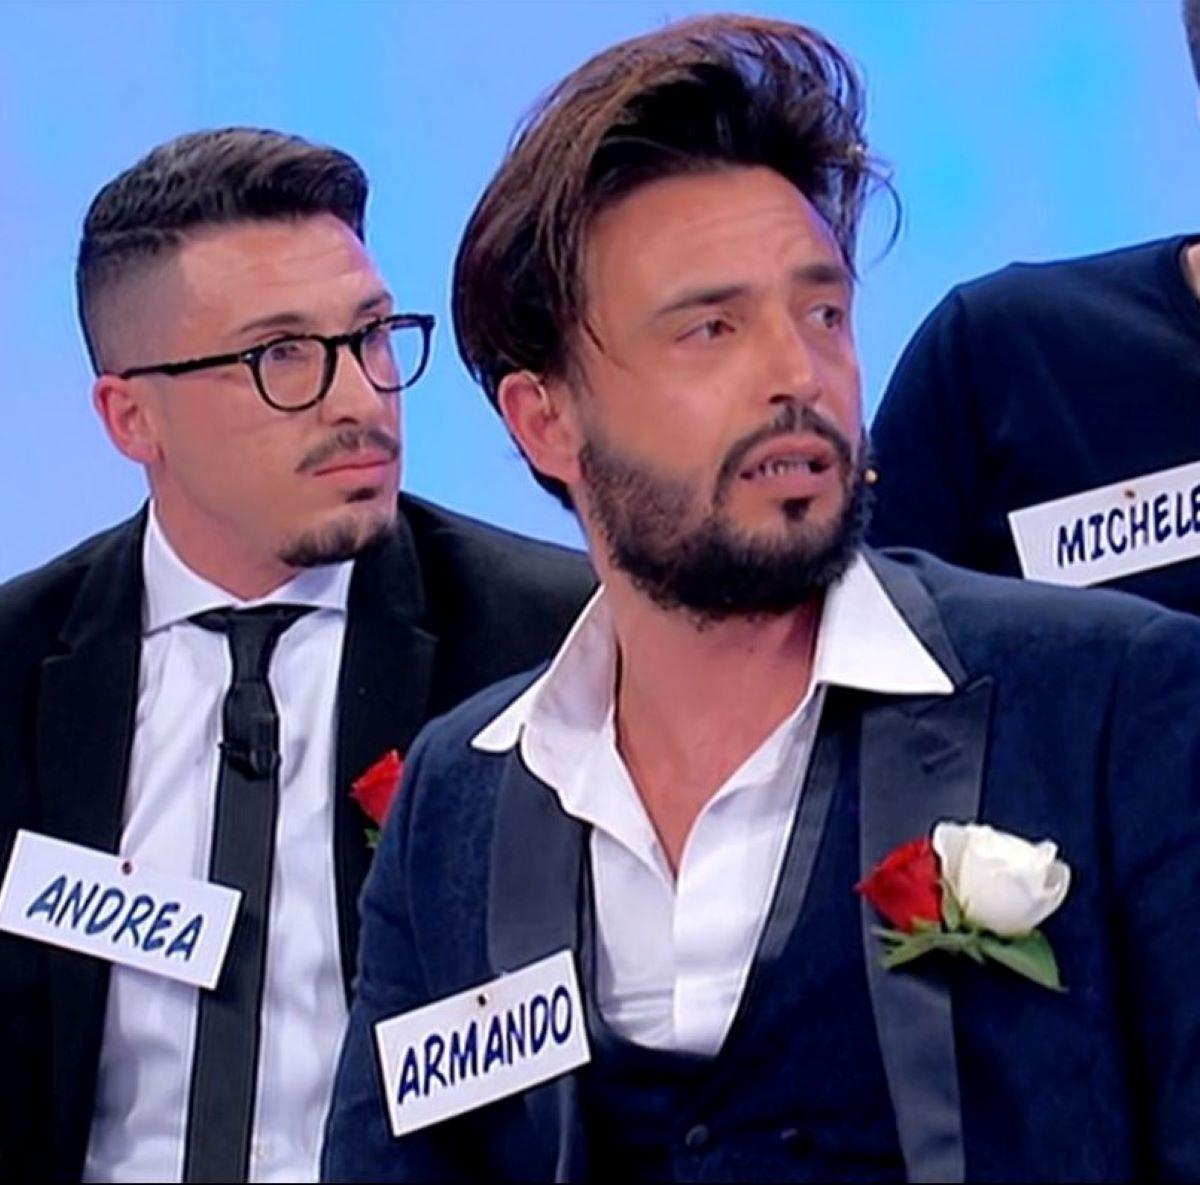 Armando Incarnato UeD Critiche Cambio Look